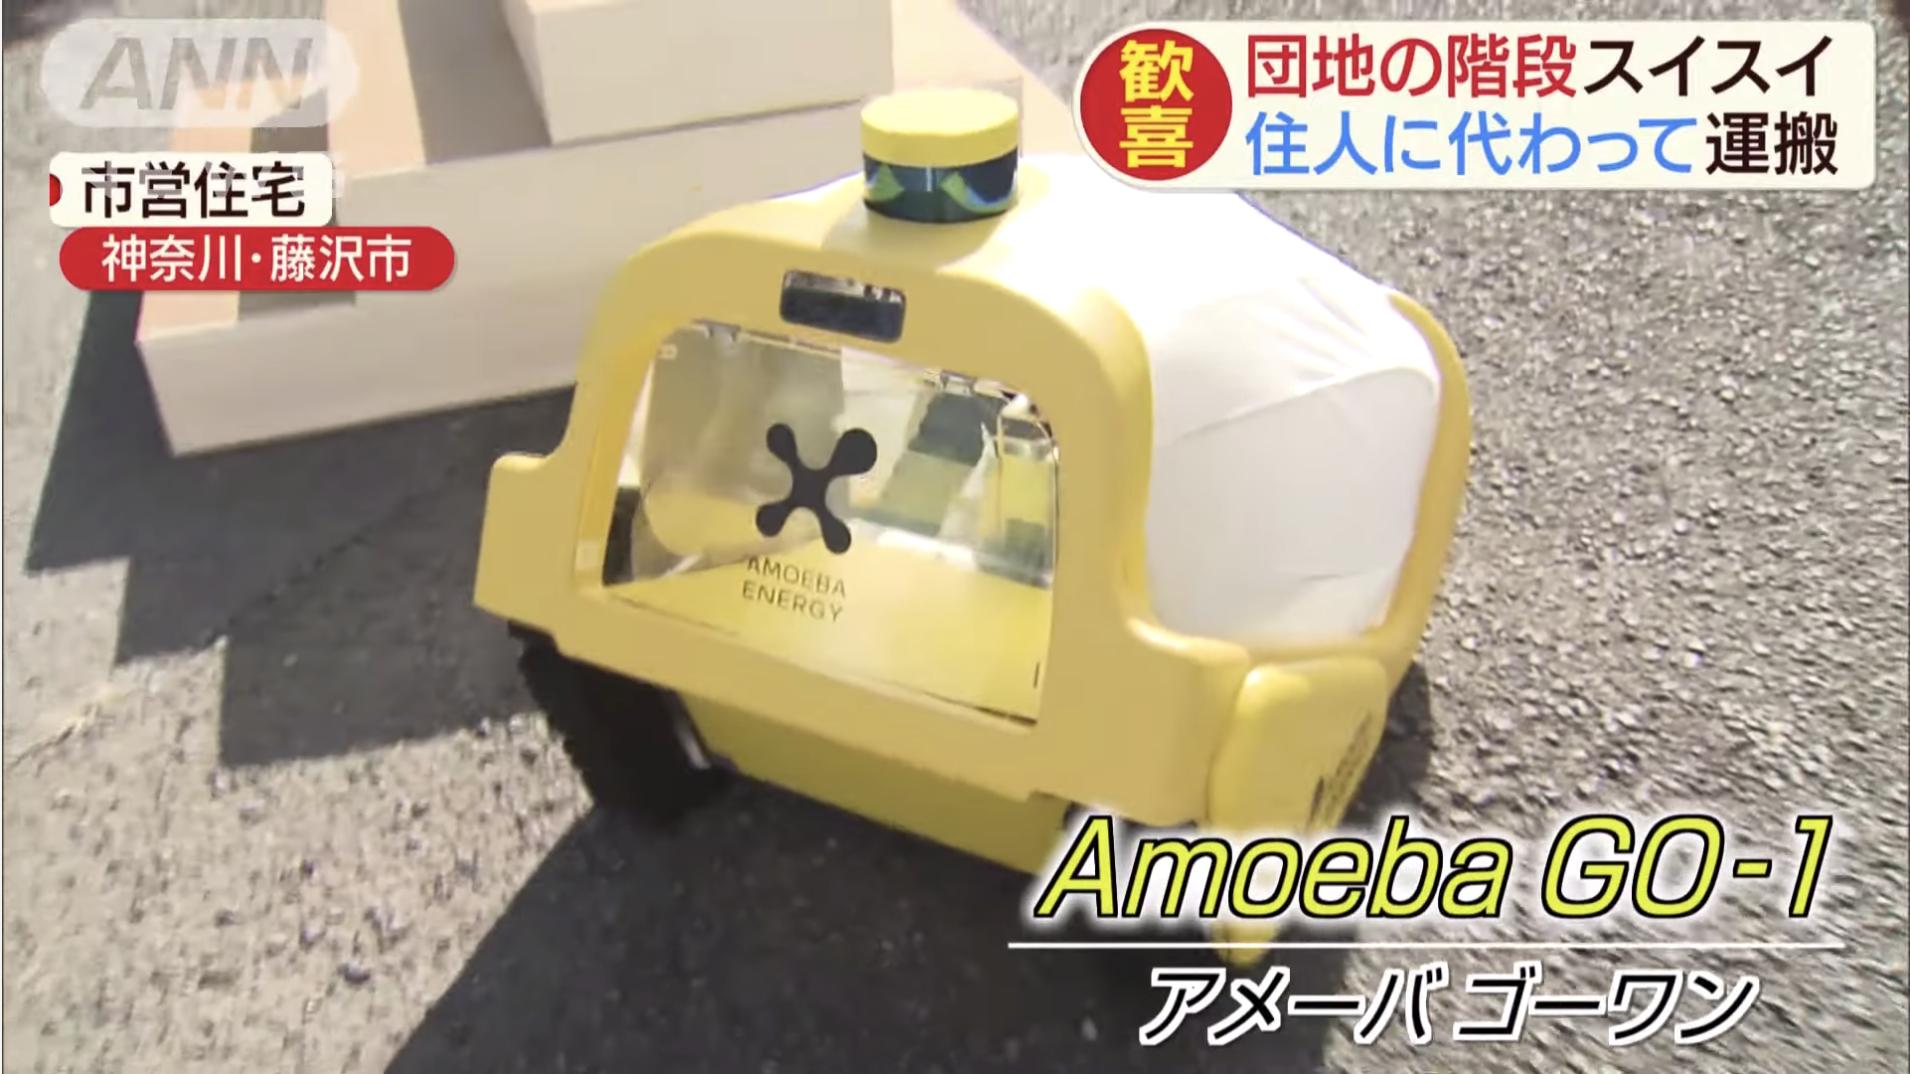 【救世主】階段でも高齢者安心 ロボットがゴミ捨てや荷物運搬